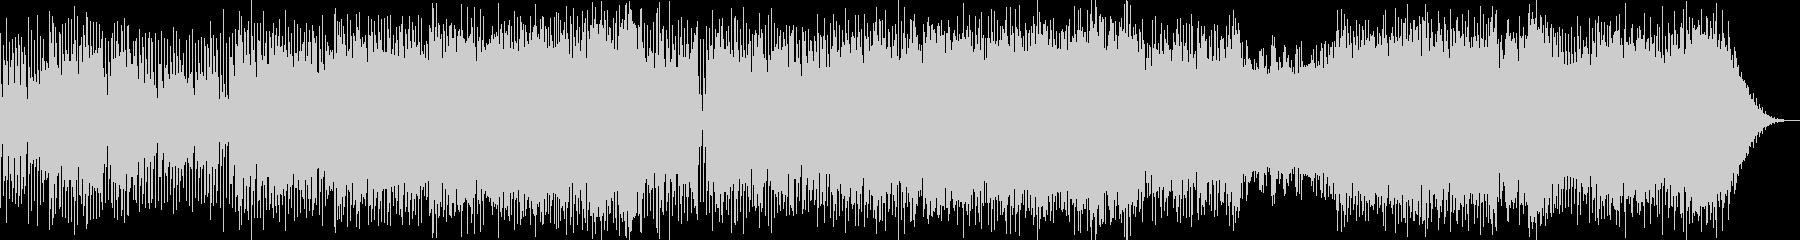 冬イメージのポップ系インストの未再生の波形